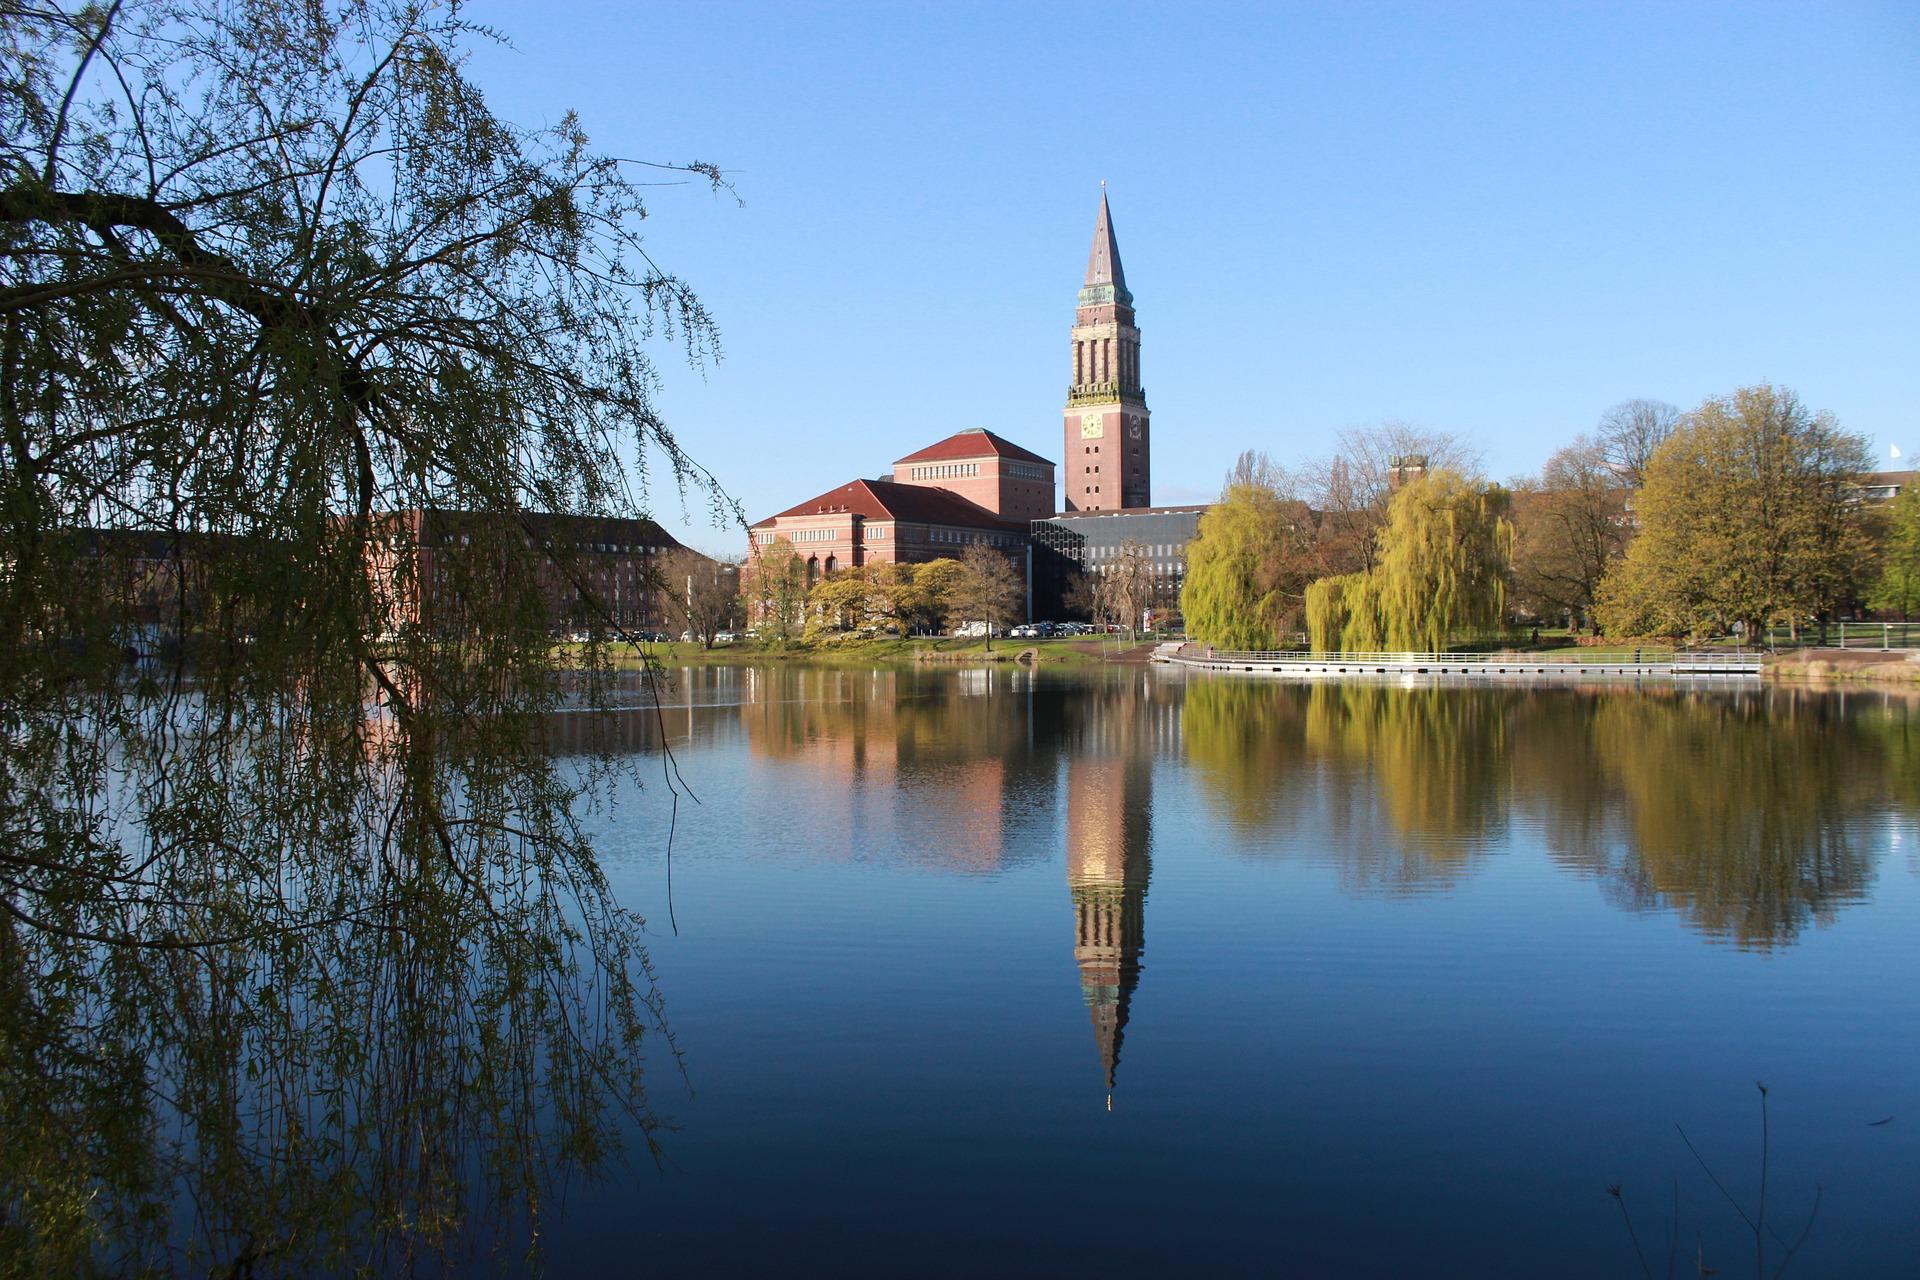 Tagen in Kiel - Tagungshotels & Rahmenprogramme - tagungshotel24.biz